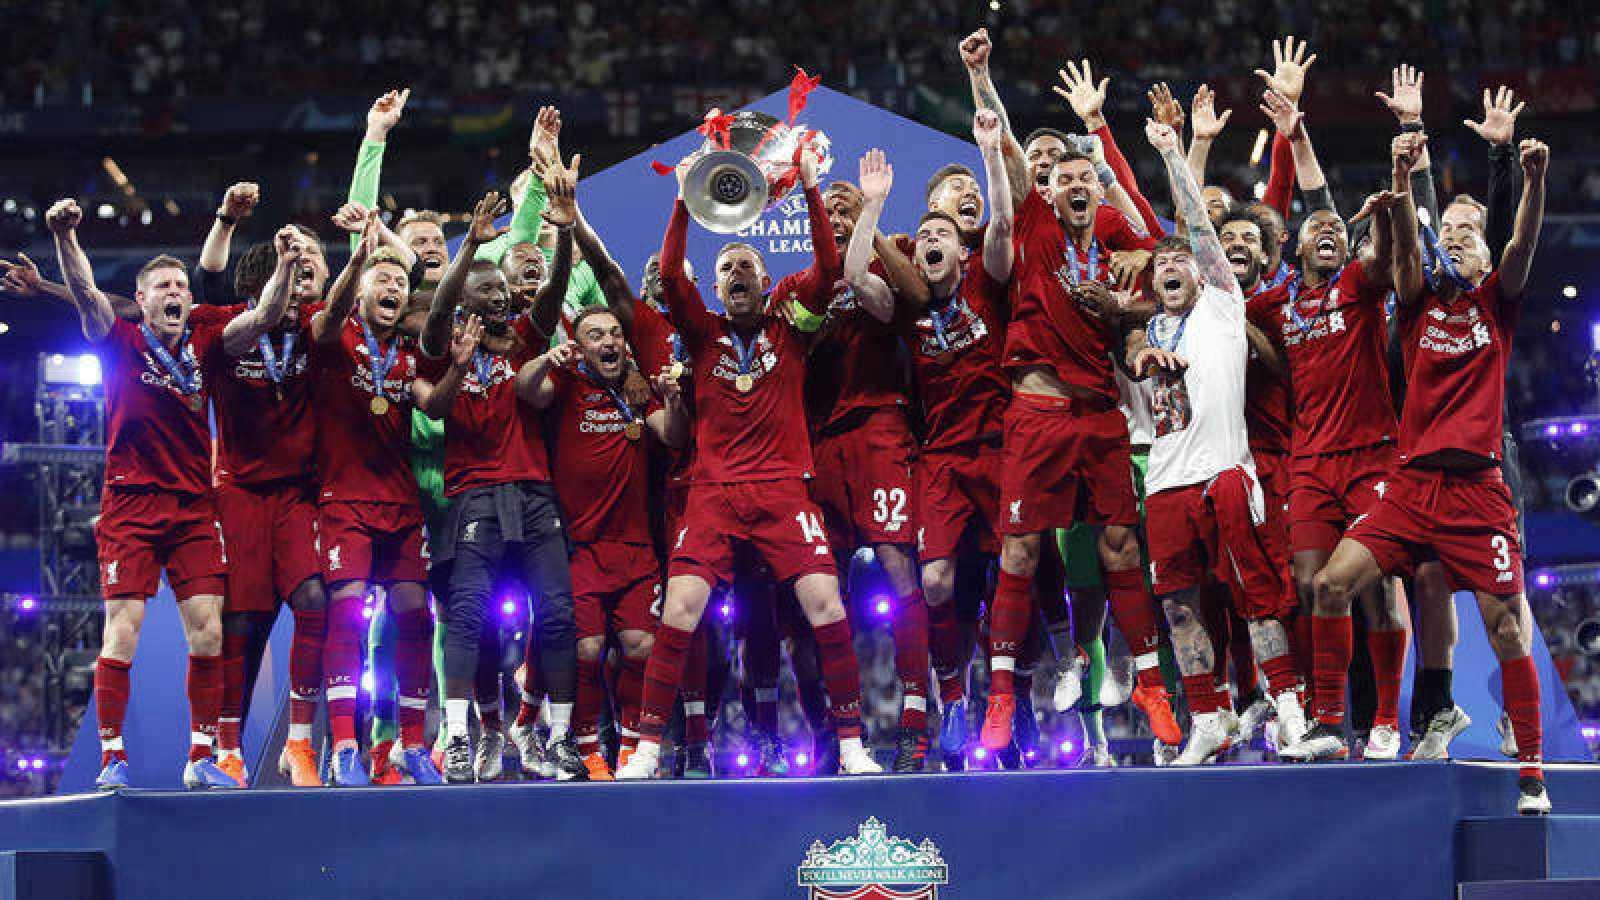 El Liverpool de Klopp defenderá su trono europeo